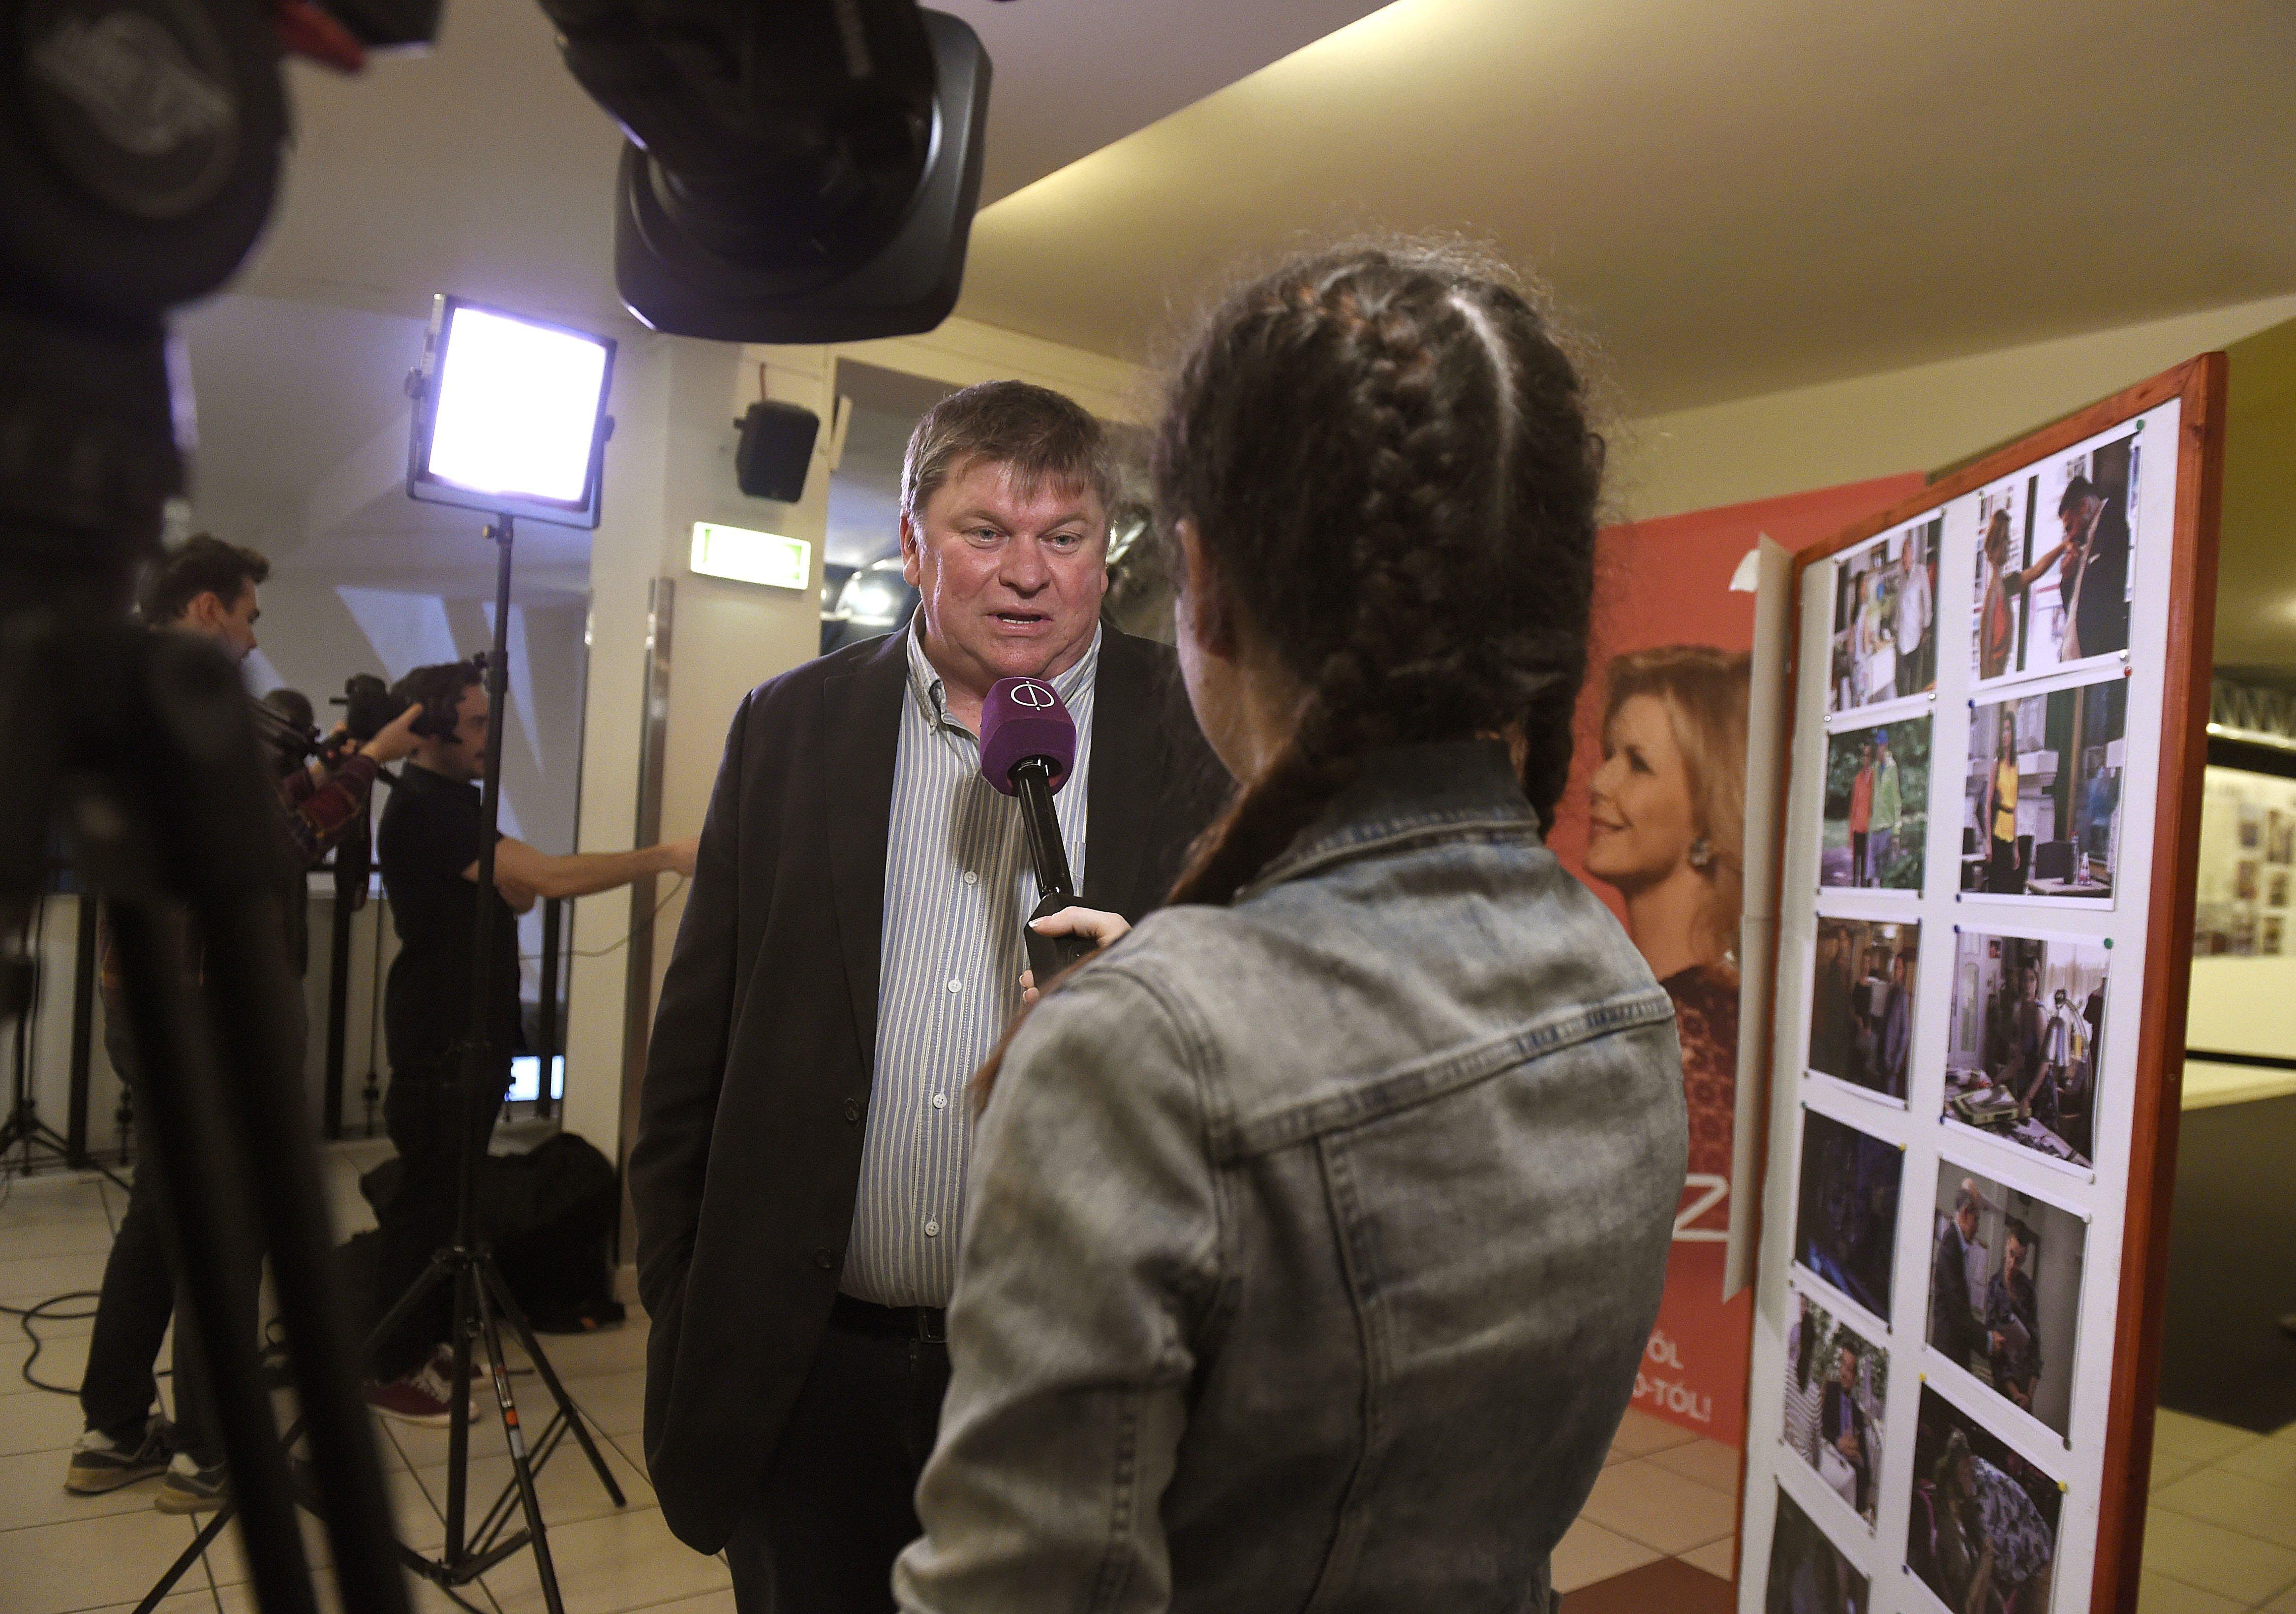 Kálomista Gábor az Elk*rtuk miatt hisztizni kezdett az Indexen, a Budapest Film vezérigazgatója reagált a vádakra